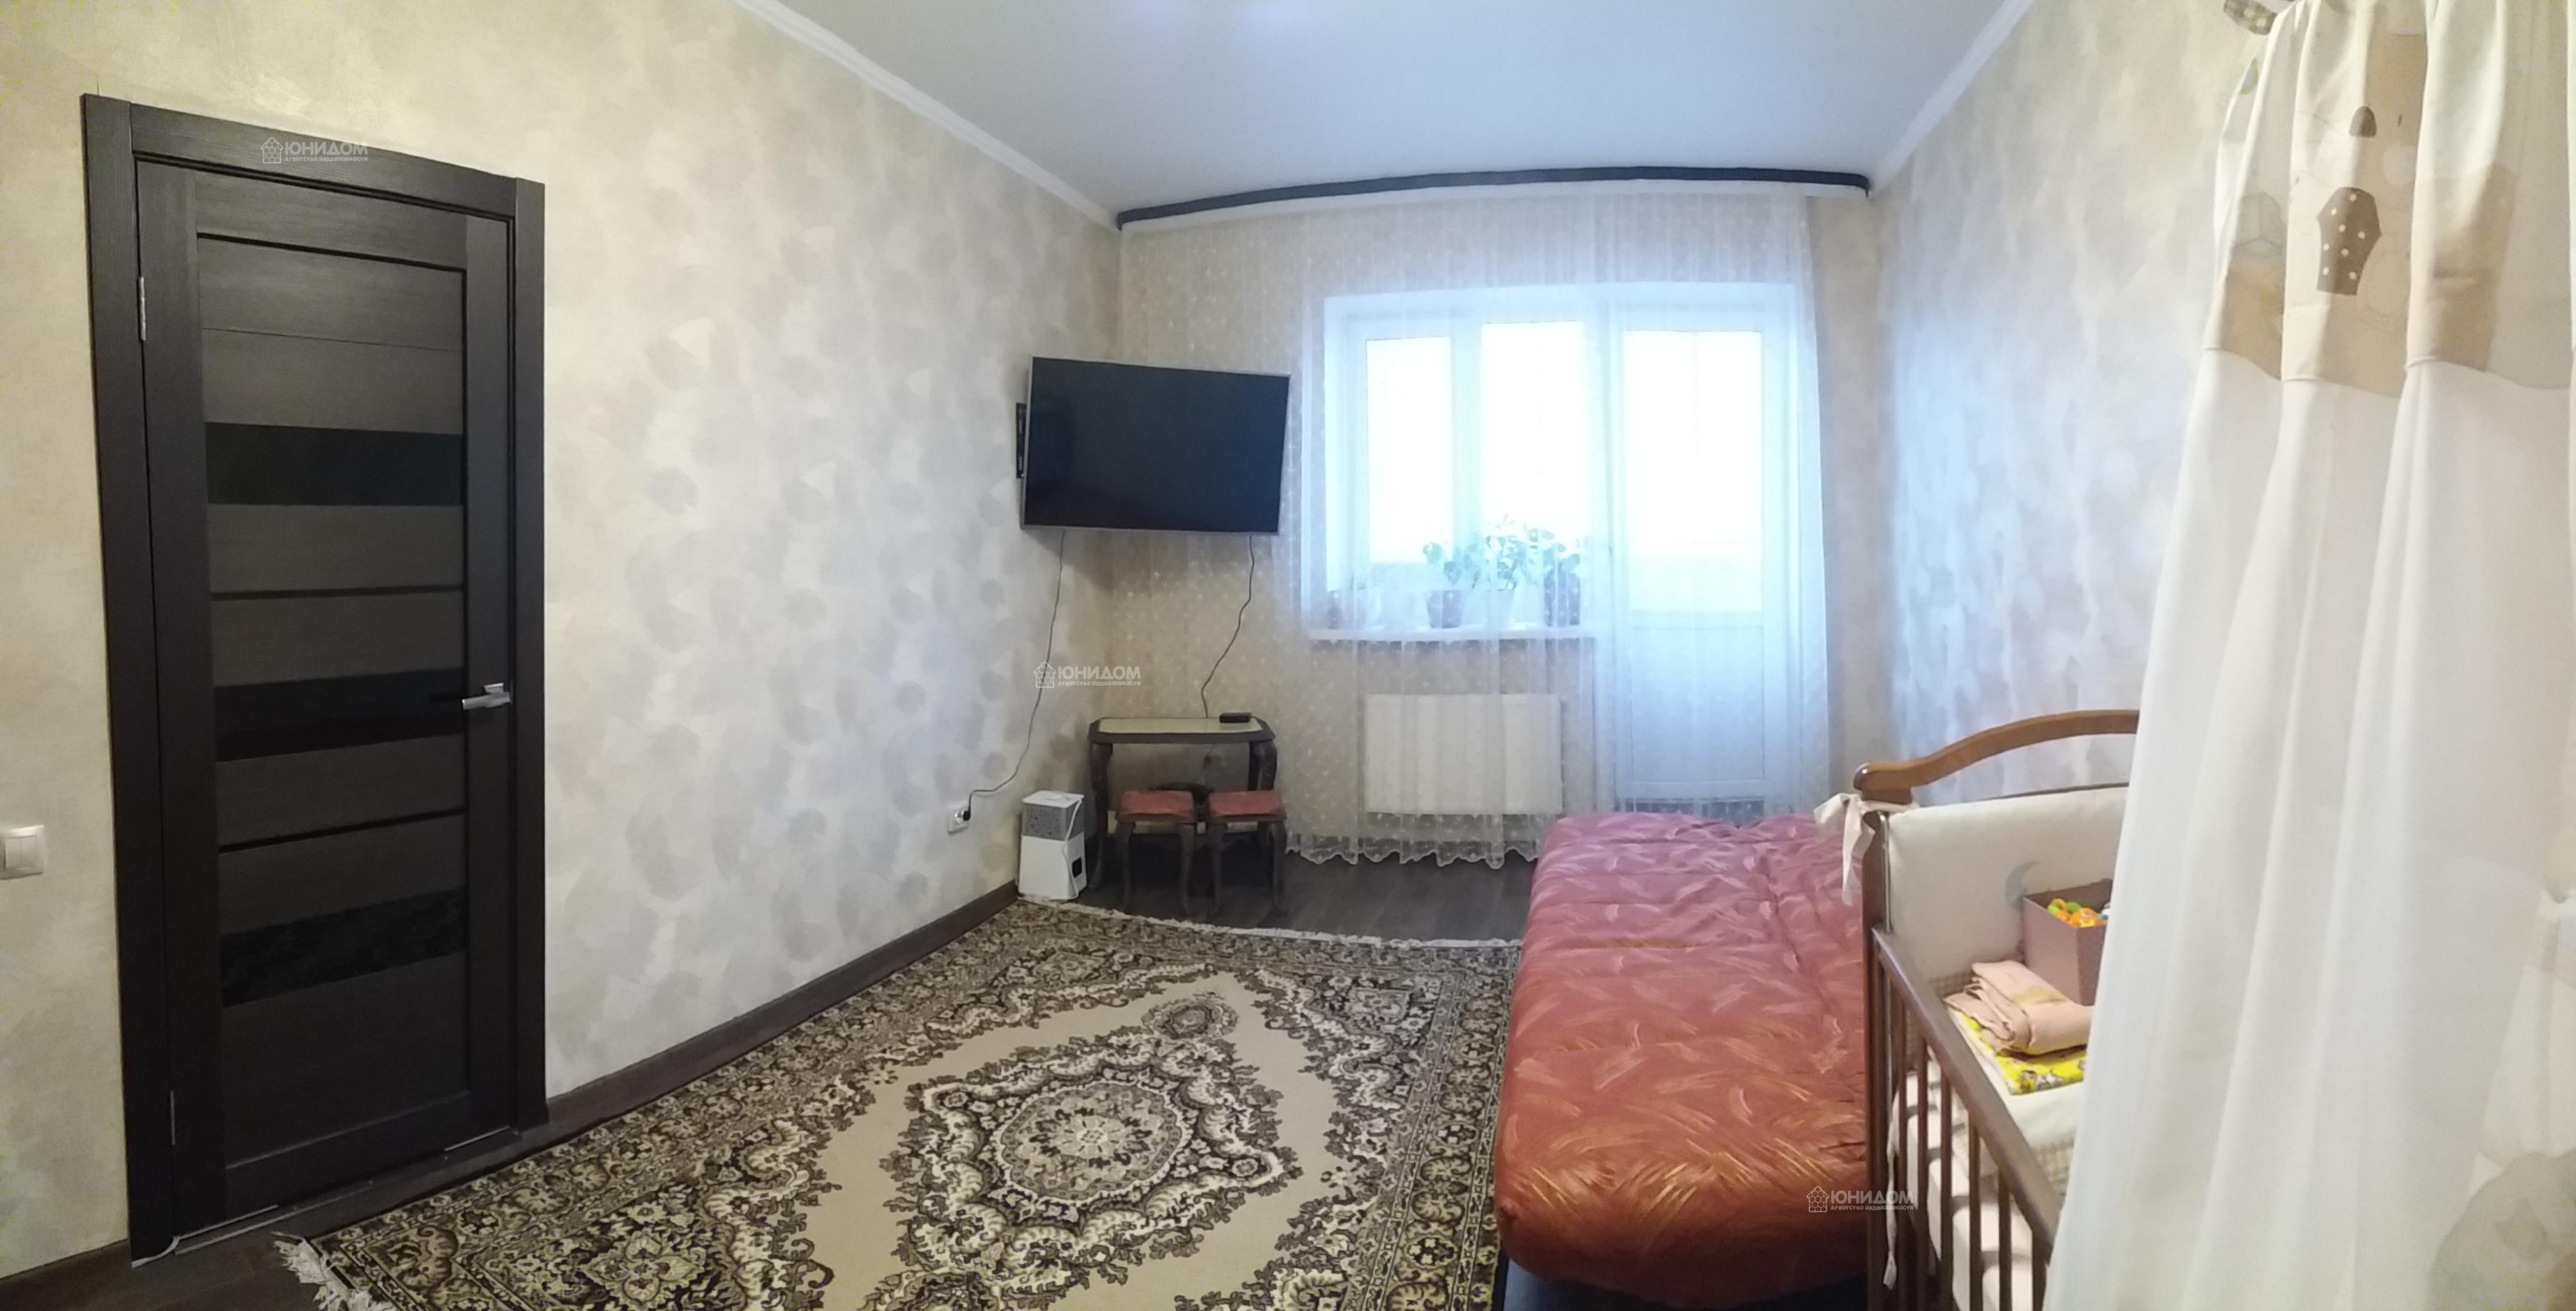 Продам инд по адресу Россия, Тюменская область, Тюмень, Дружбы, 73 к1 фото 2 по выгодной цене